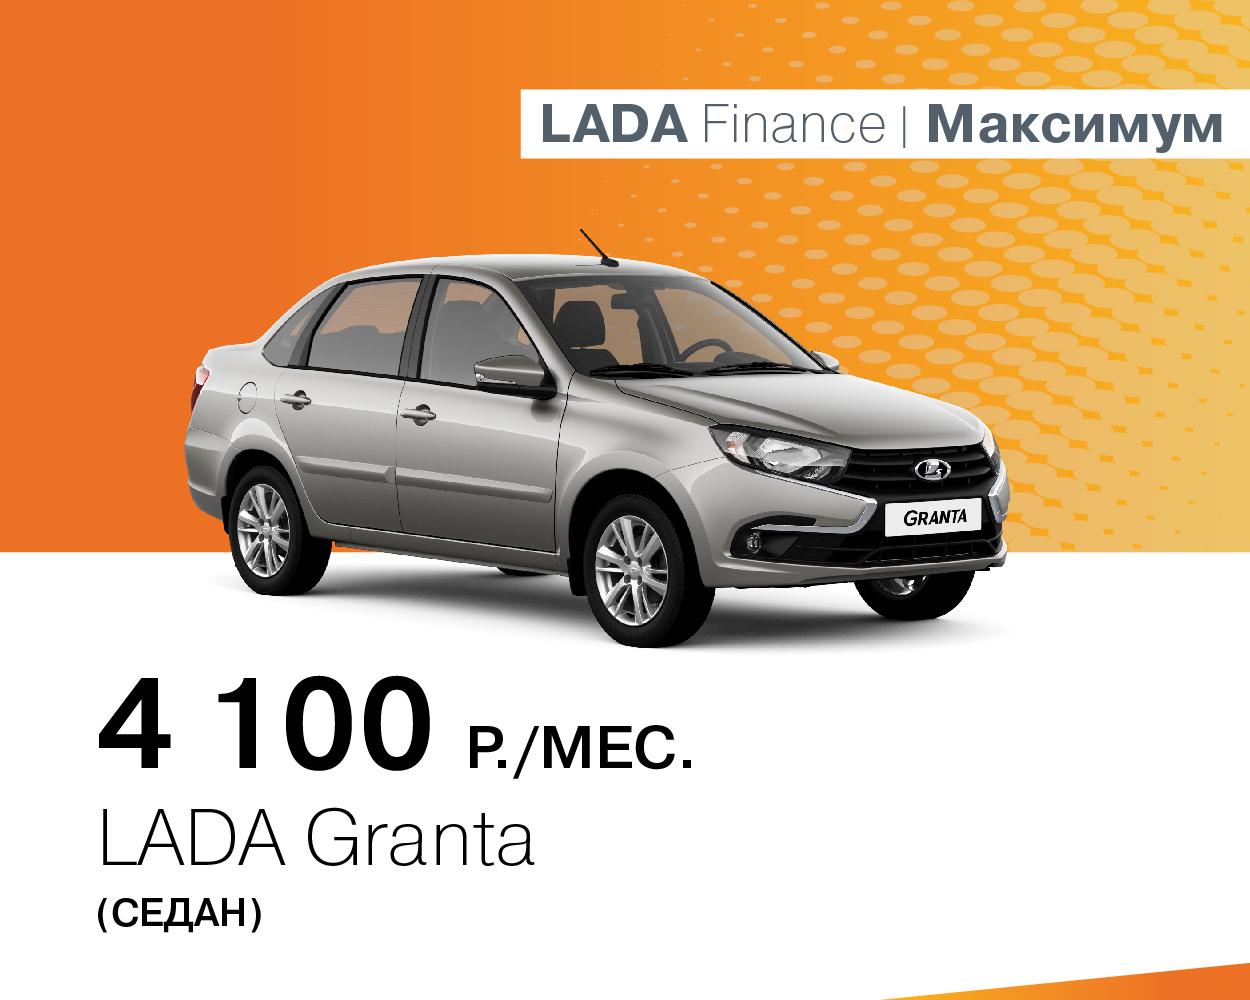 LADA Granta (седан) за 4100 руб./месяц по программеLADA Finance Максимум!